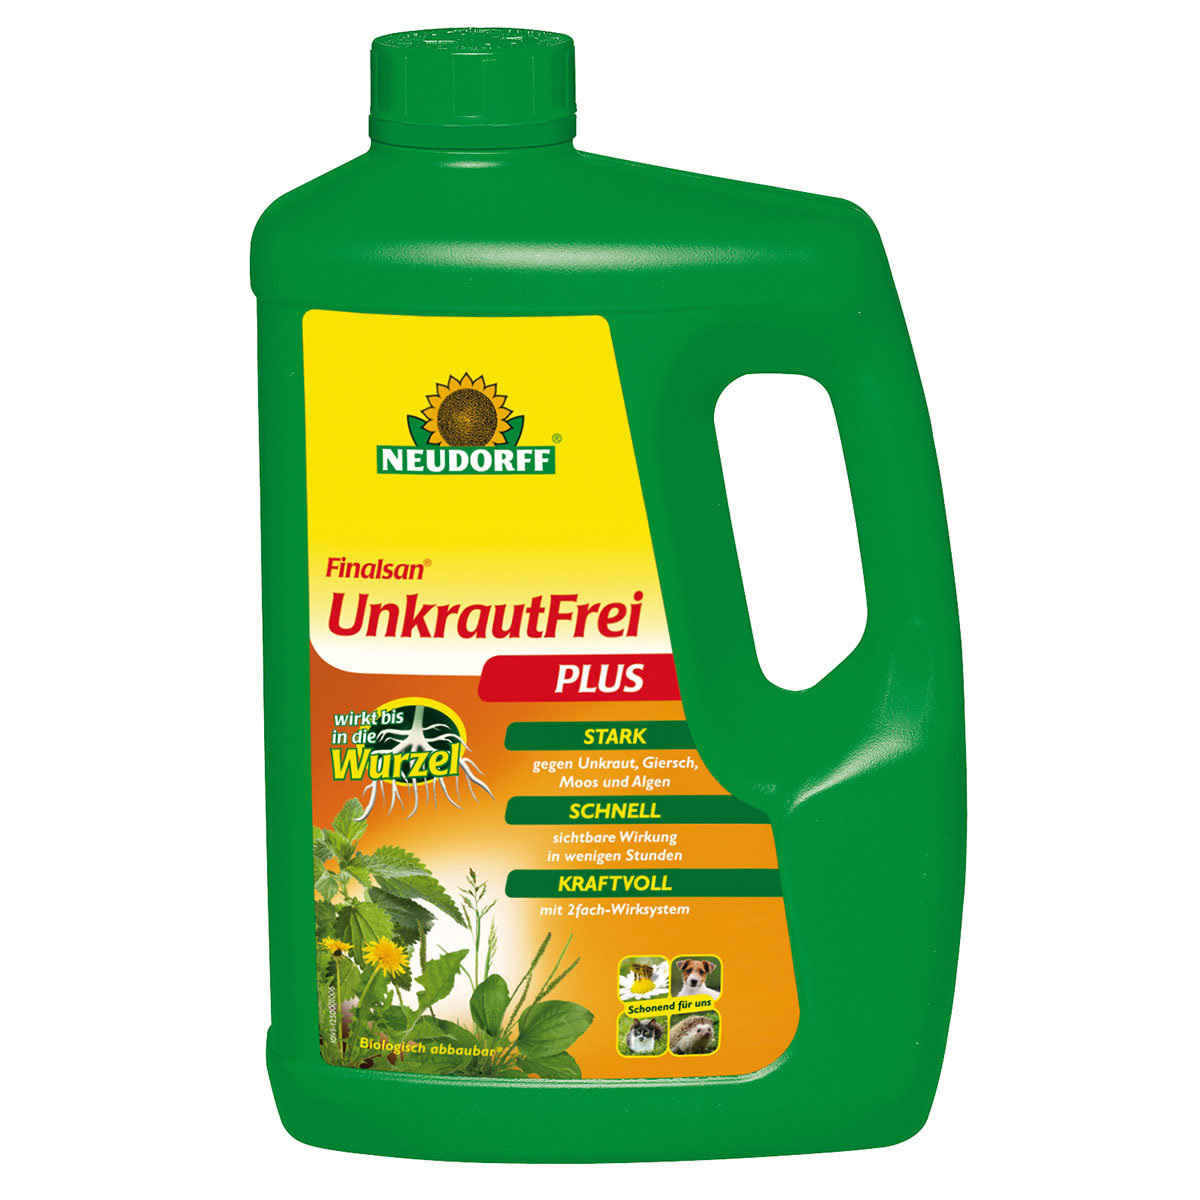 Finalsan® UnkrautFrei Plus, 2 Liter